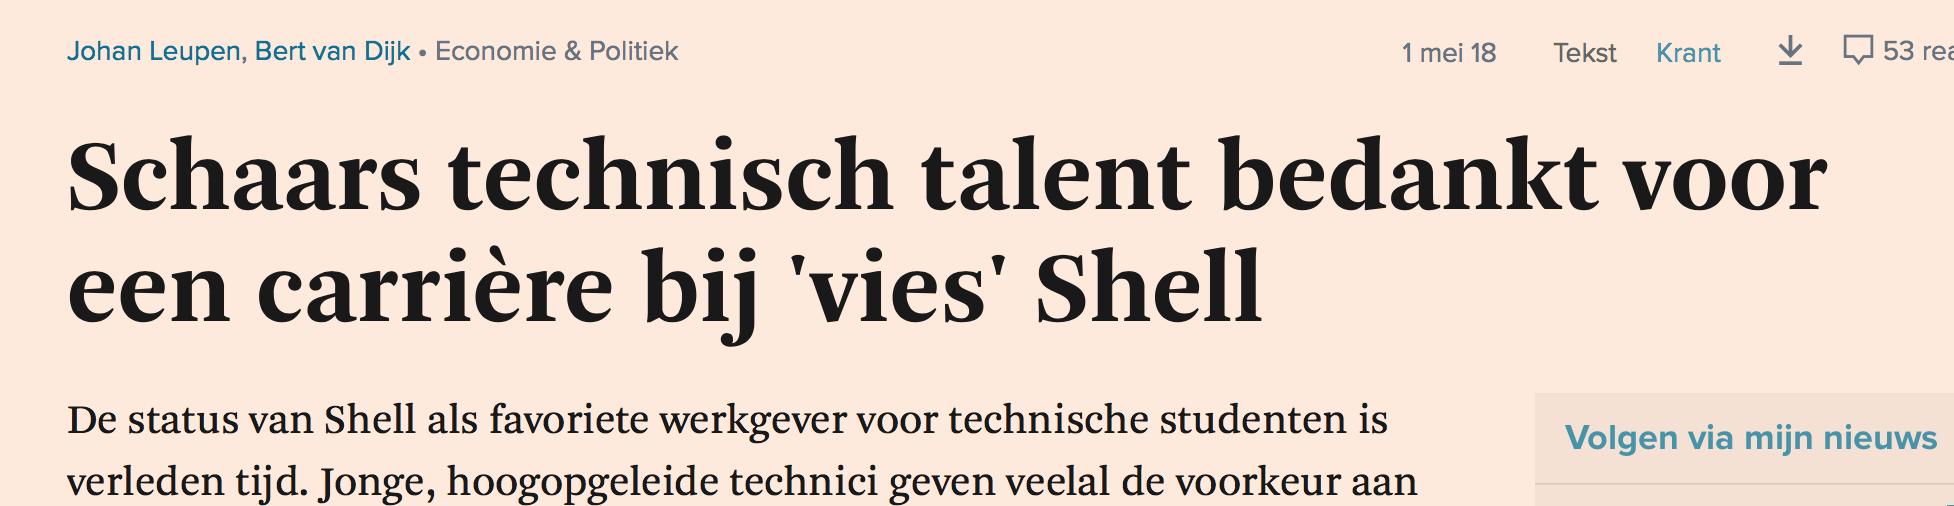 FD: technisch talent bedankt voor carriere bij vies Shell